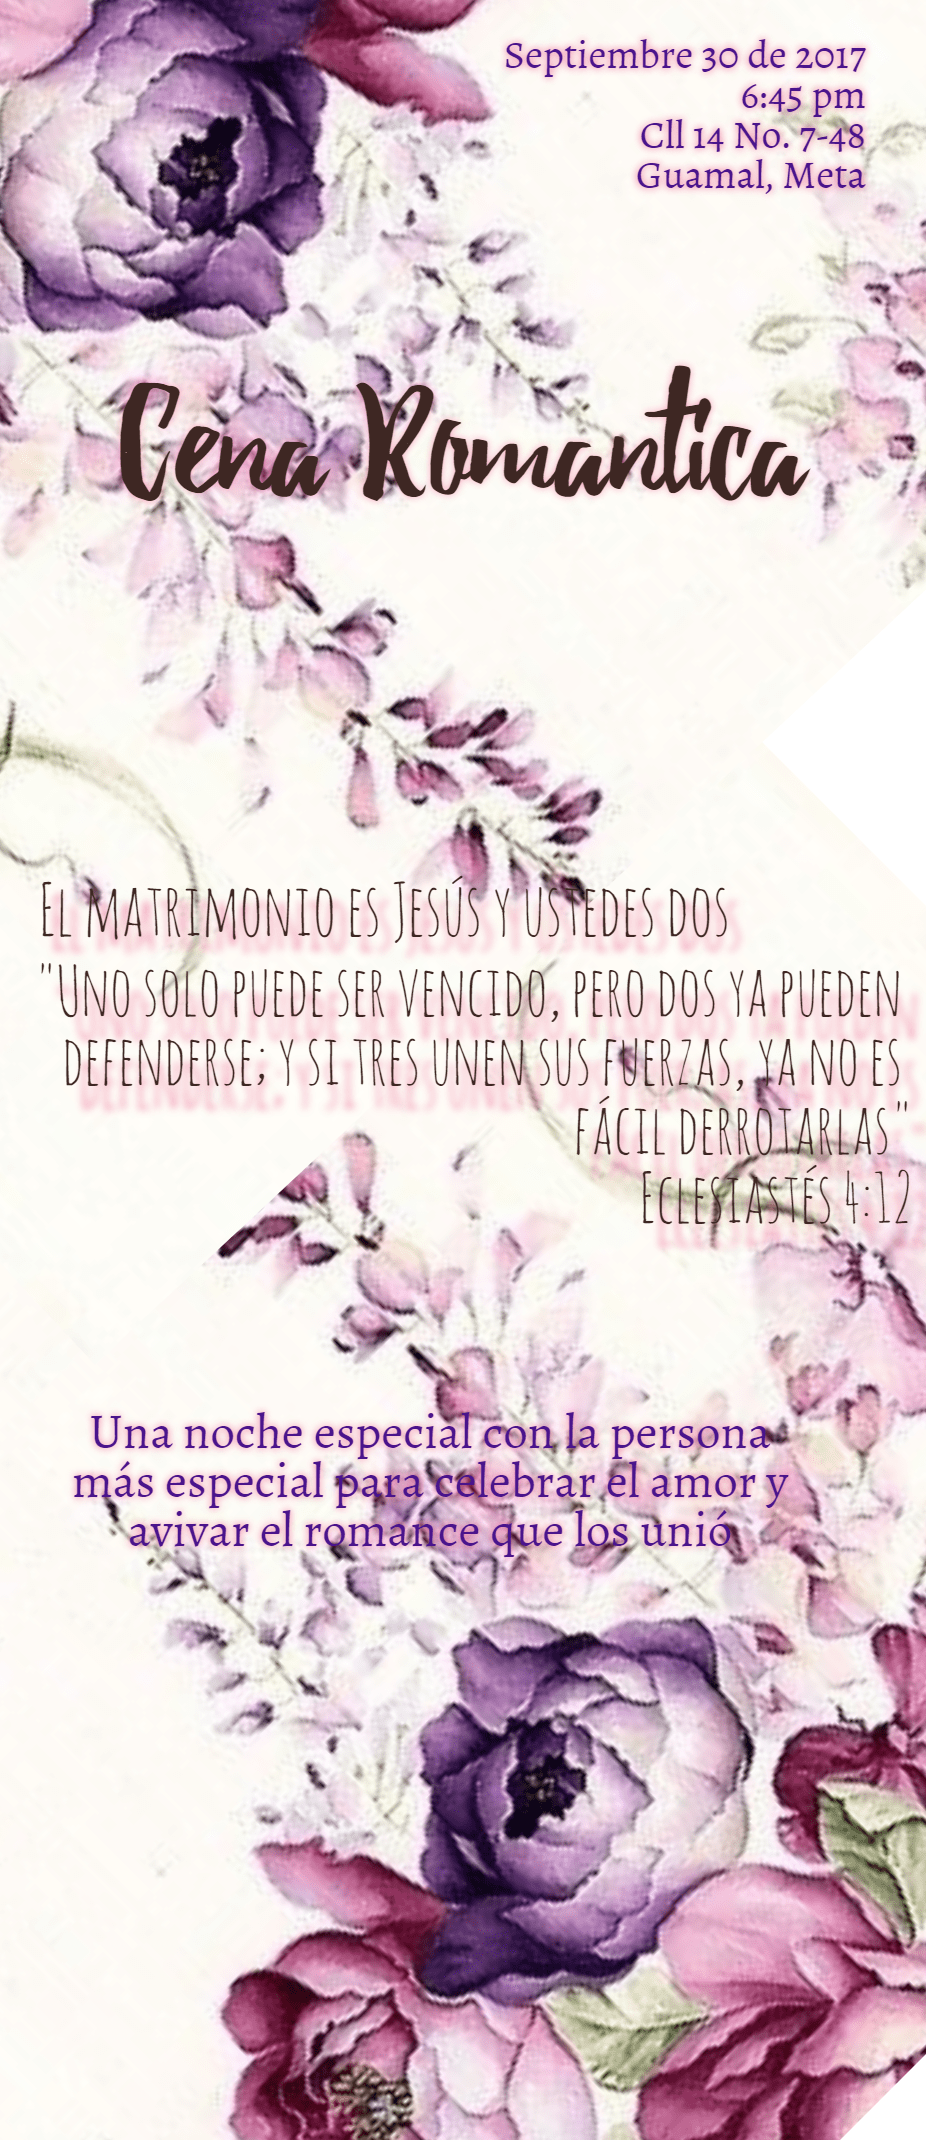 Flower,                Purple,                Violet,                Flora,                Lilac,                Text,                Lavender,                Flowering,                Plant,                Petal,                Arranging,                White,                 Free Image